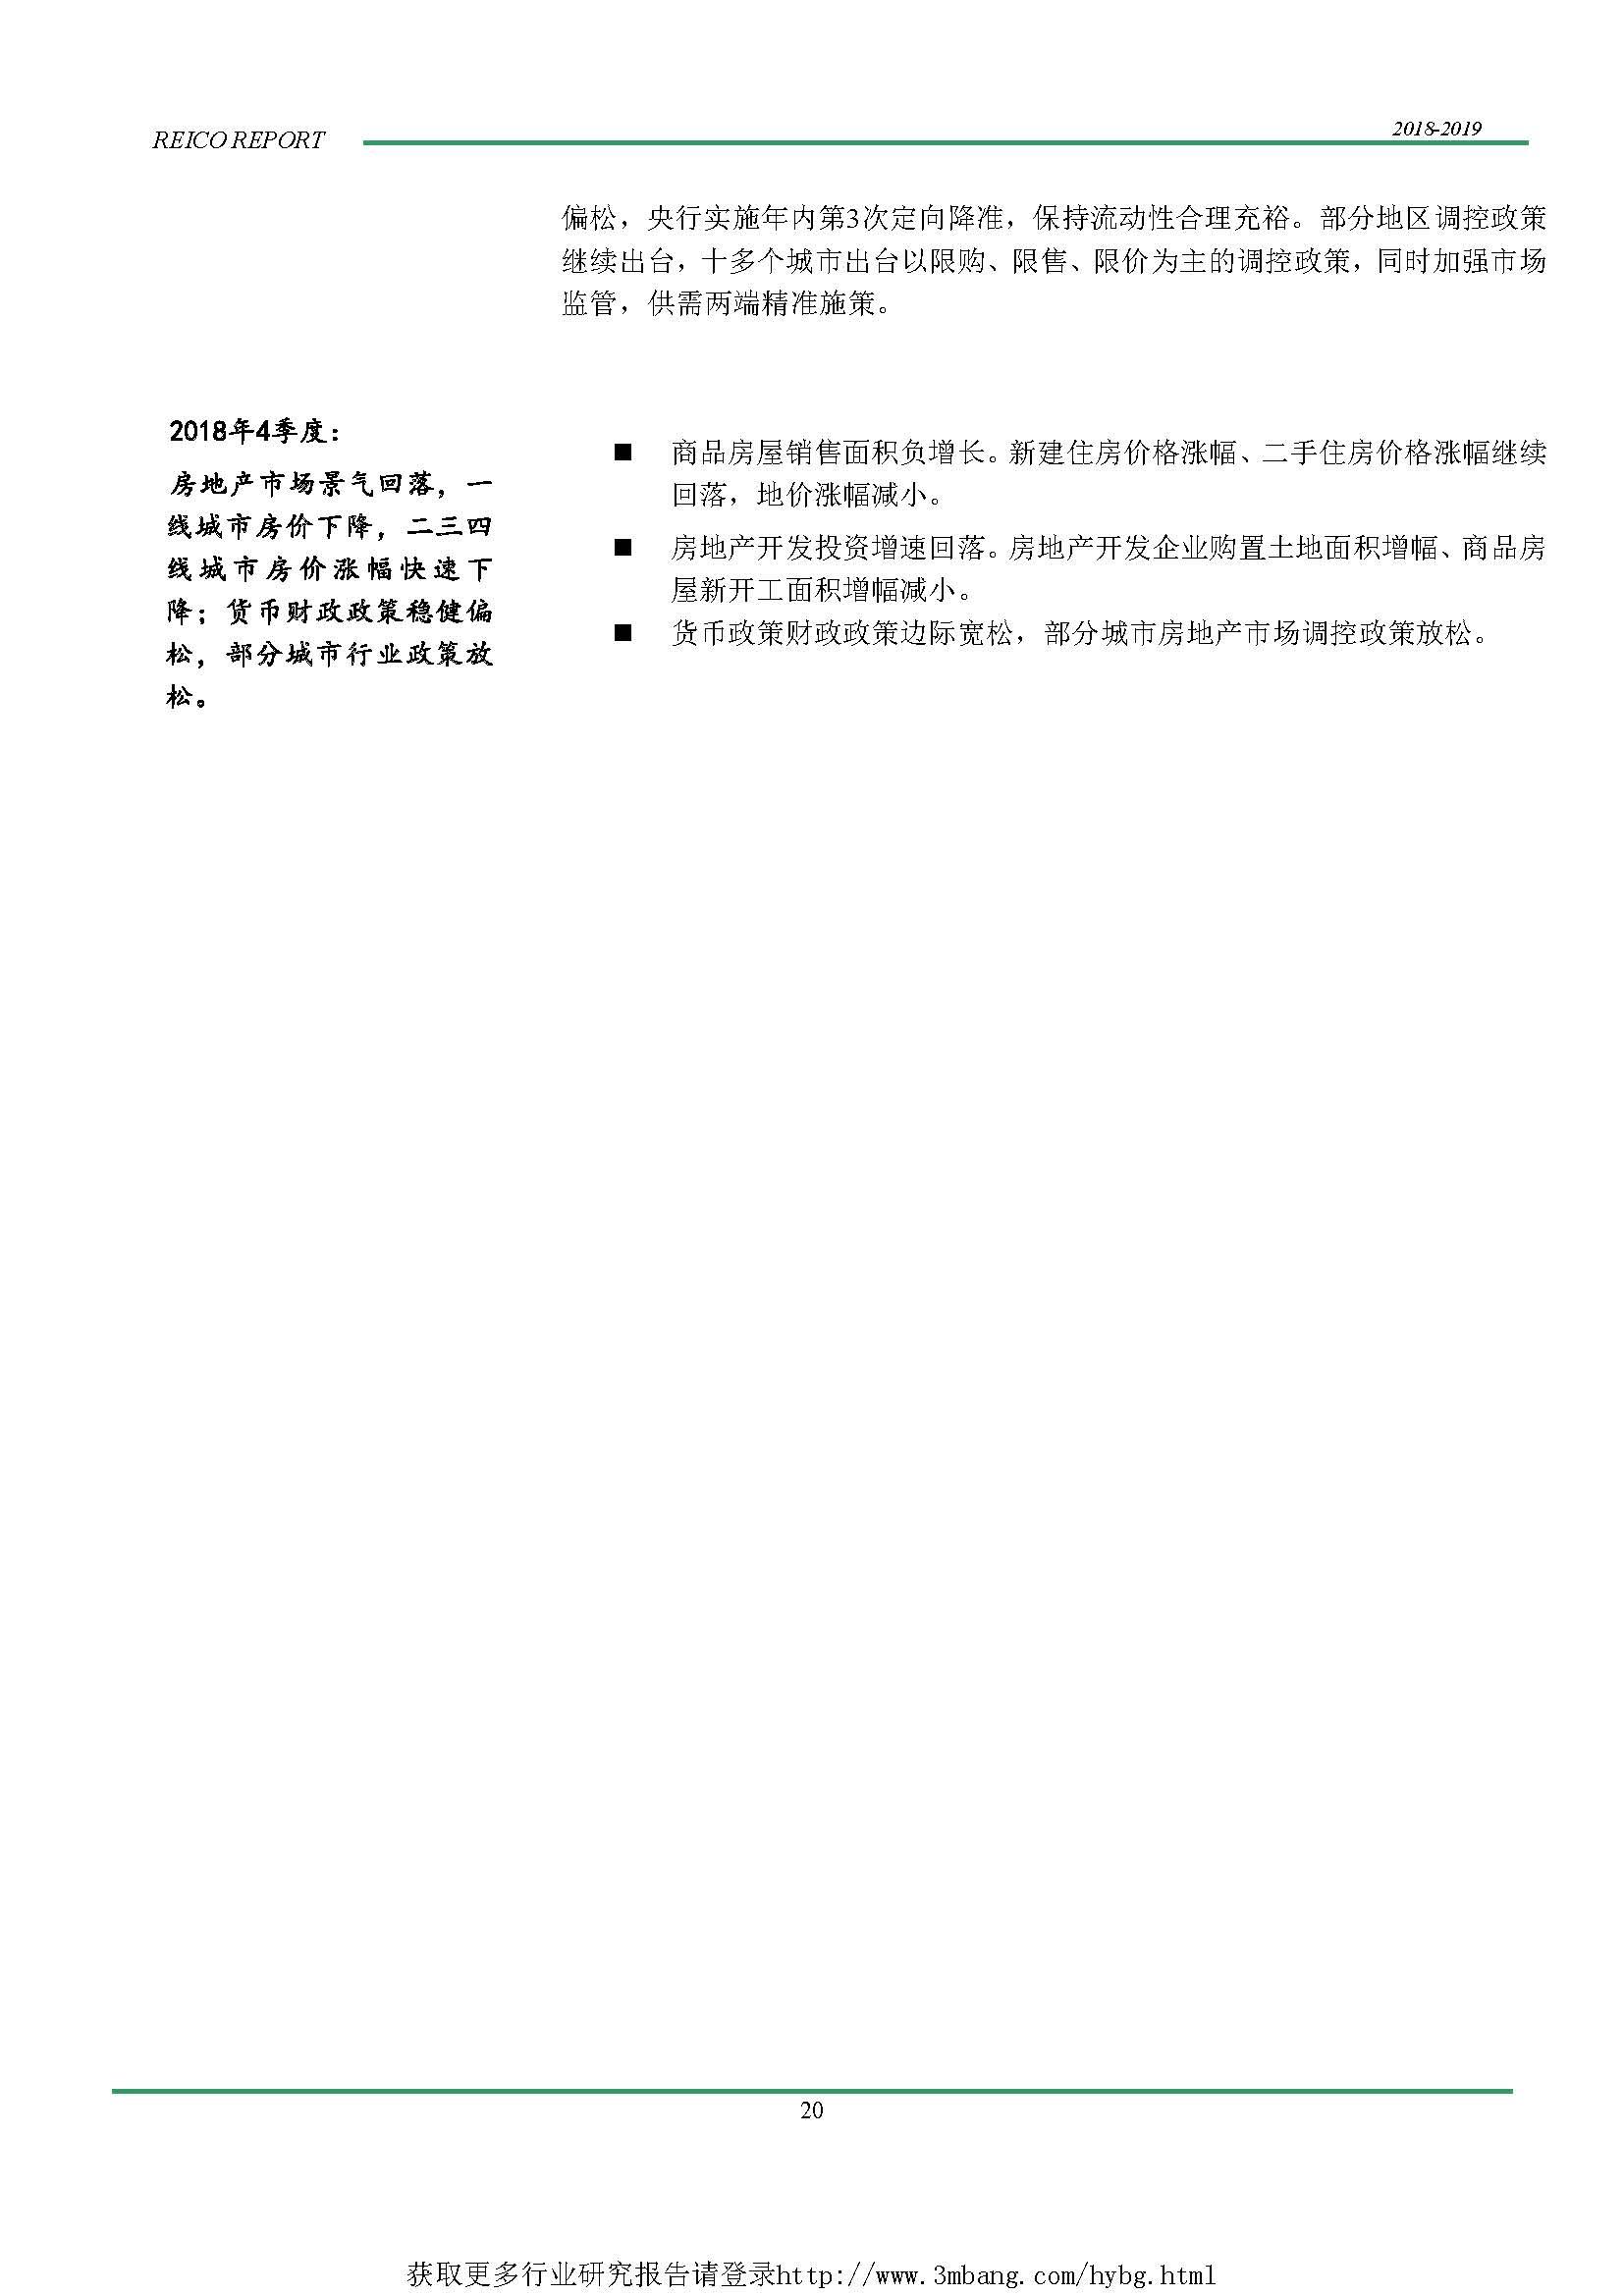 1_页面_022.jpg